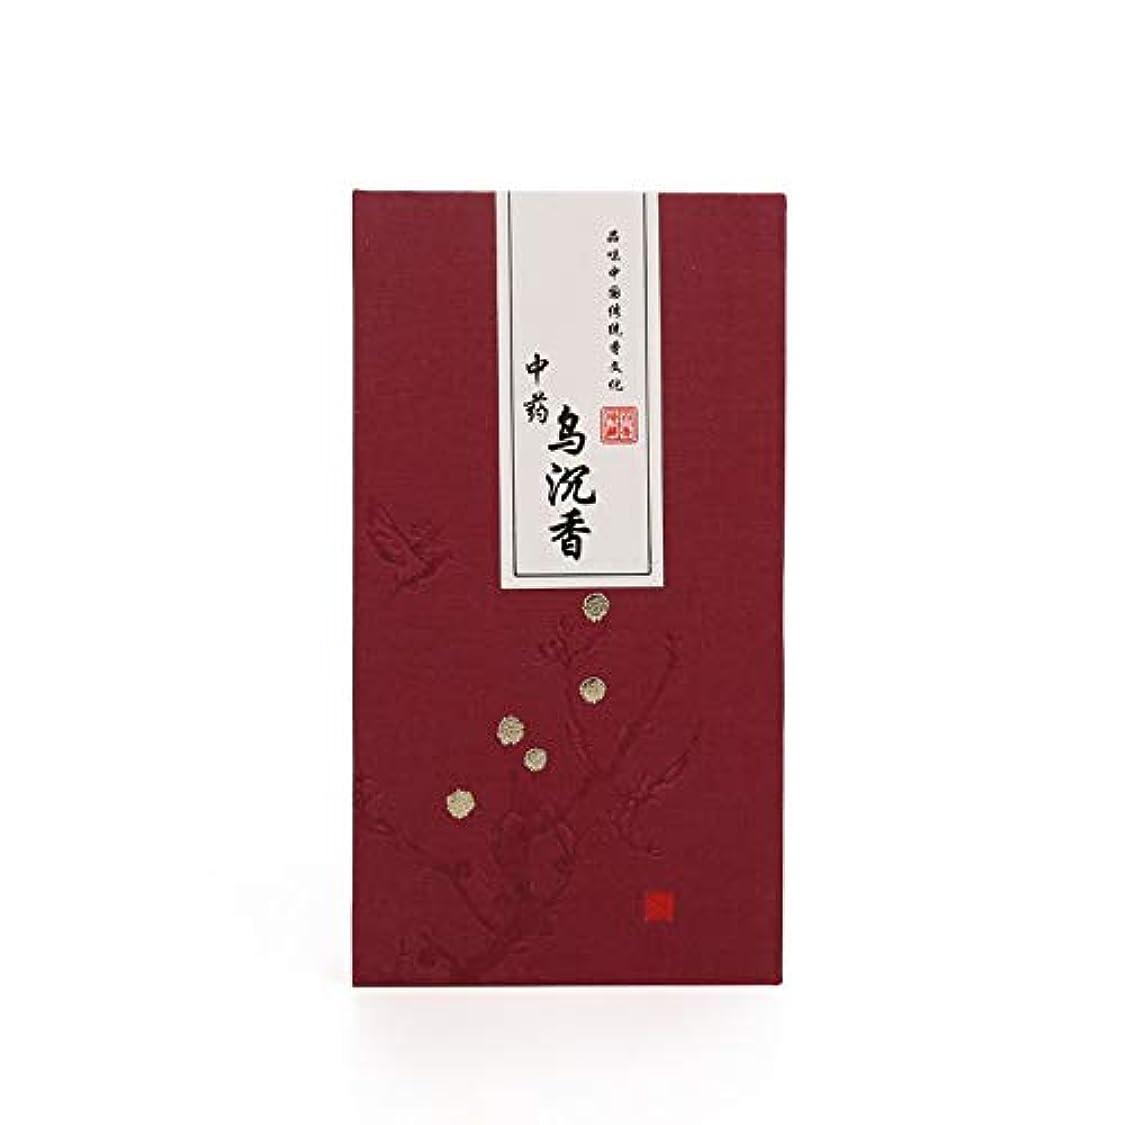 不一致うがい豚肉Diatems - 絶妙な箱入りの天然白檀の香りのお香、香りの木、辺材、ヒノキ、2時間、長期的な仏香、アロマテラピー[鳥サンダルウッド]